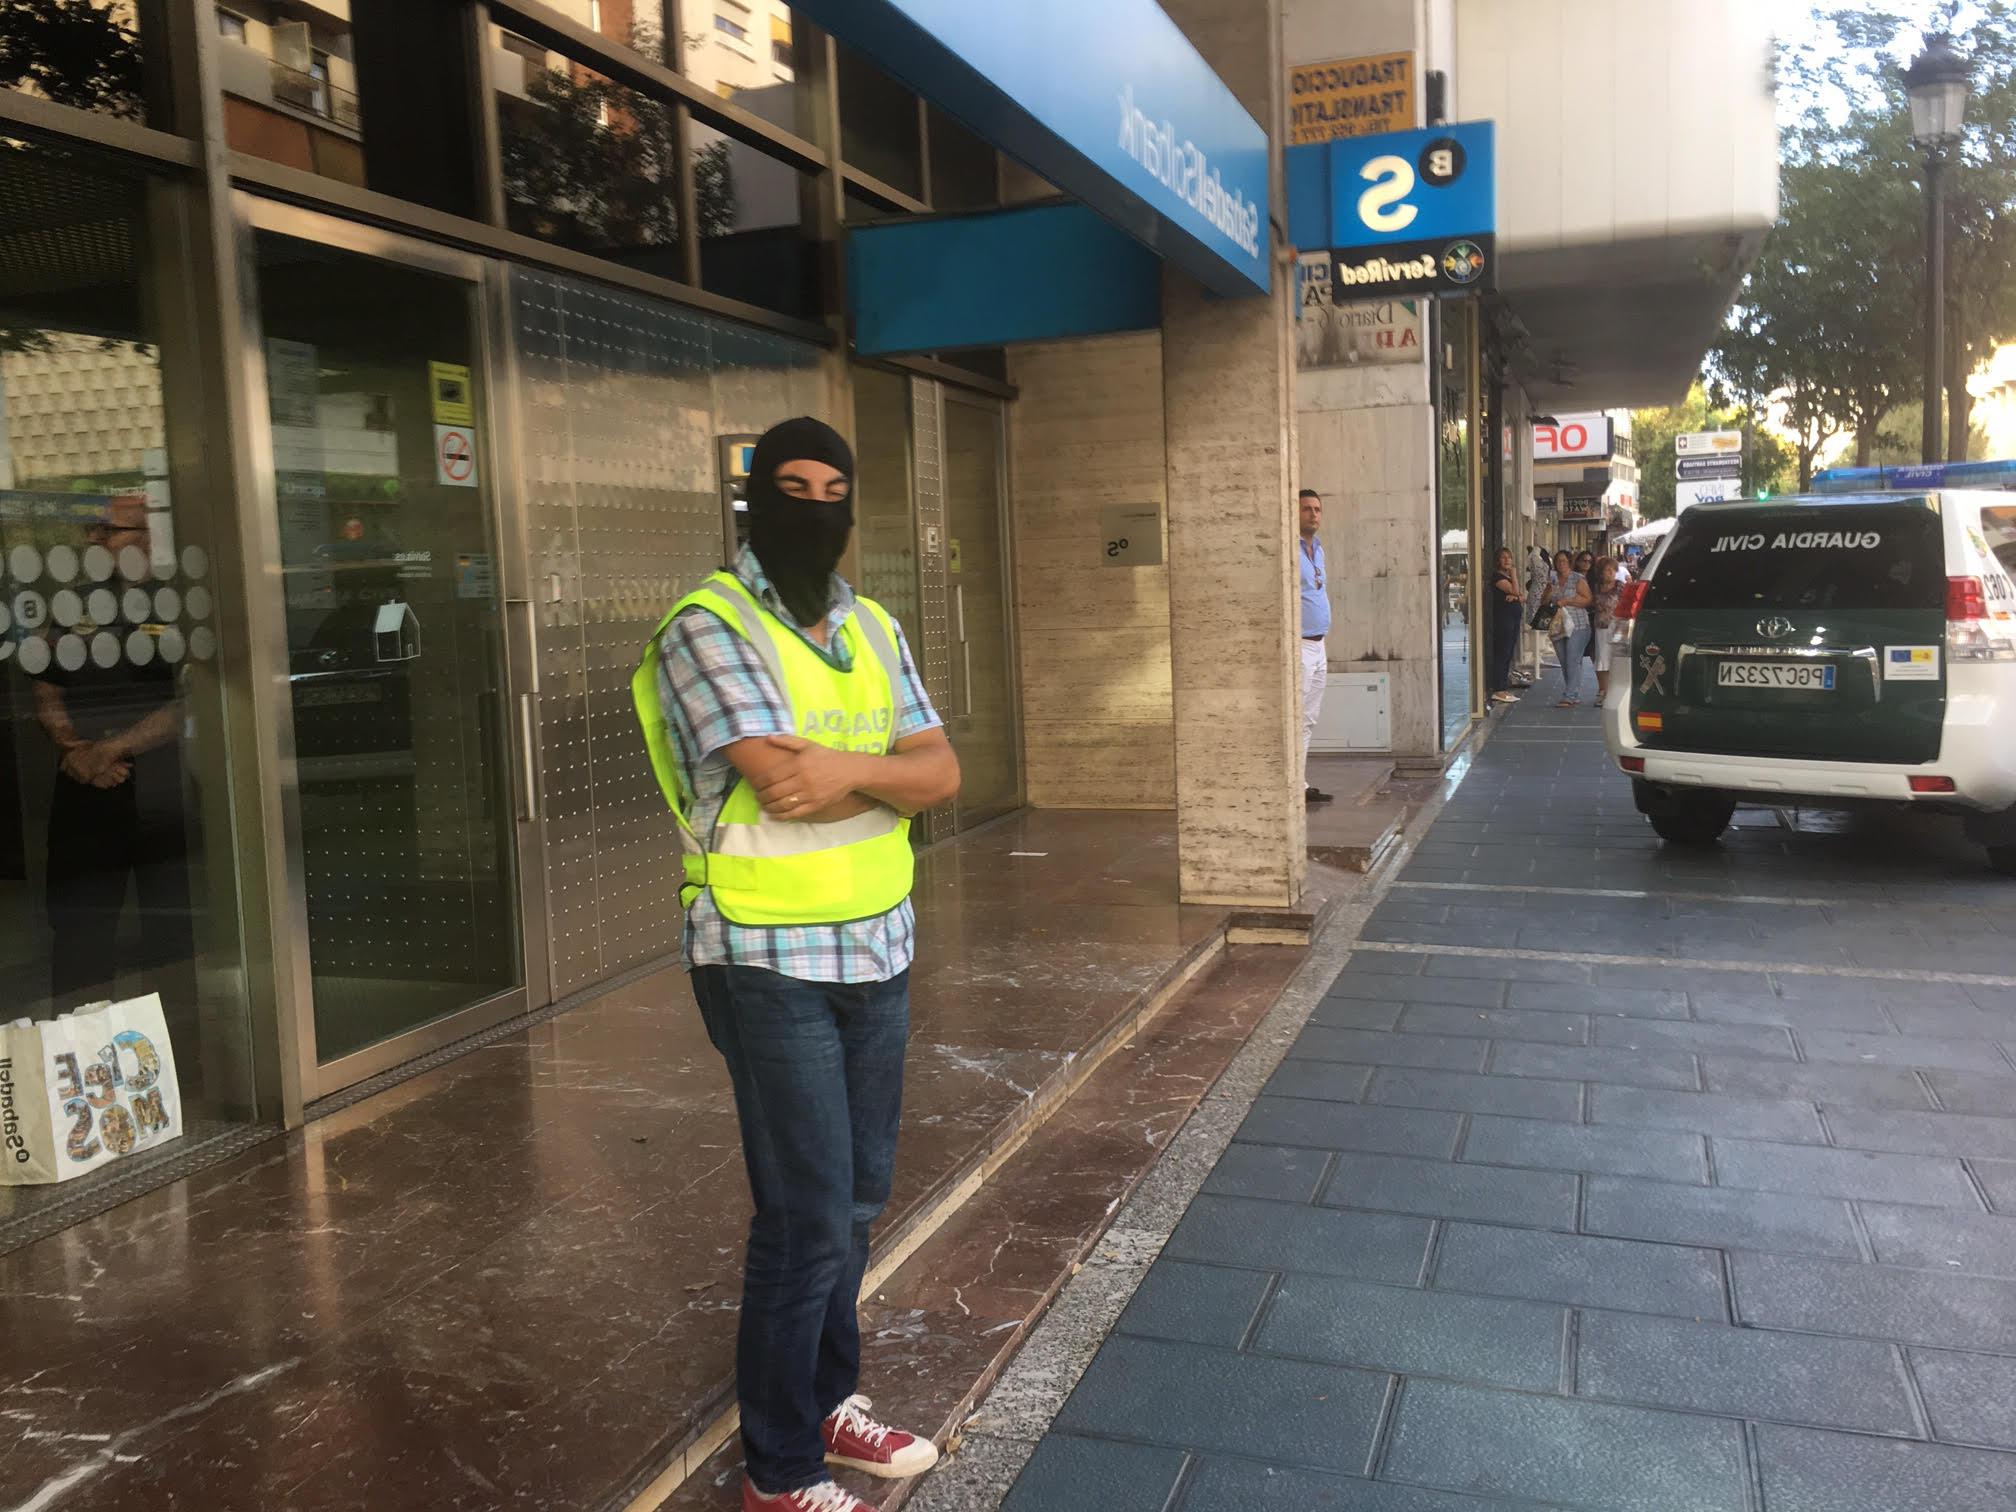 Banco Sabadell Marbella E9dx Un Agente De La Guardia Civil Encapuchado Custodia La Sede